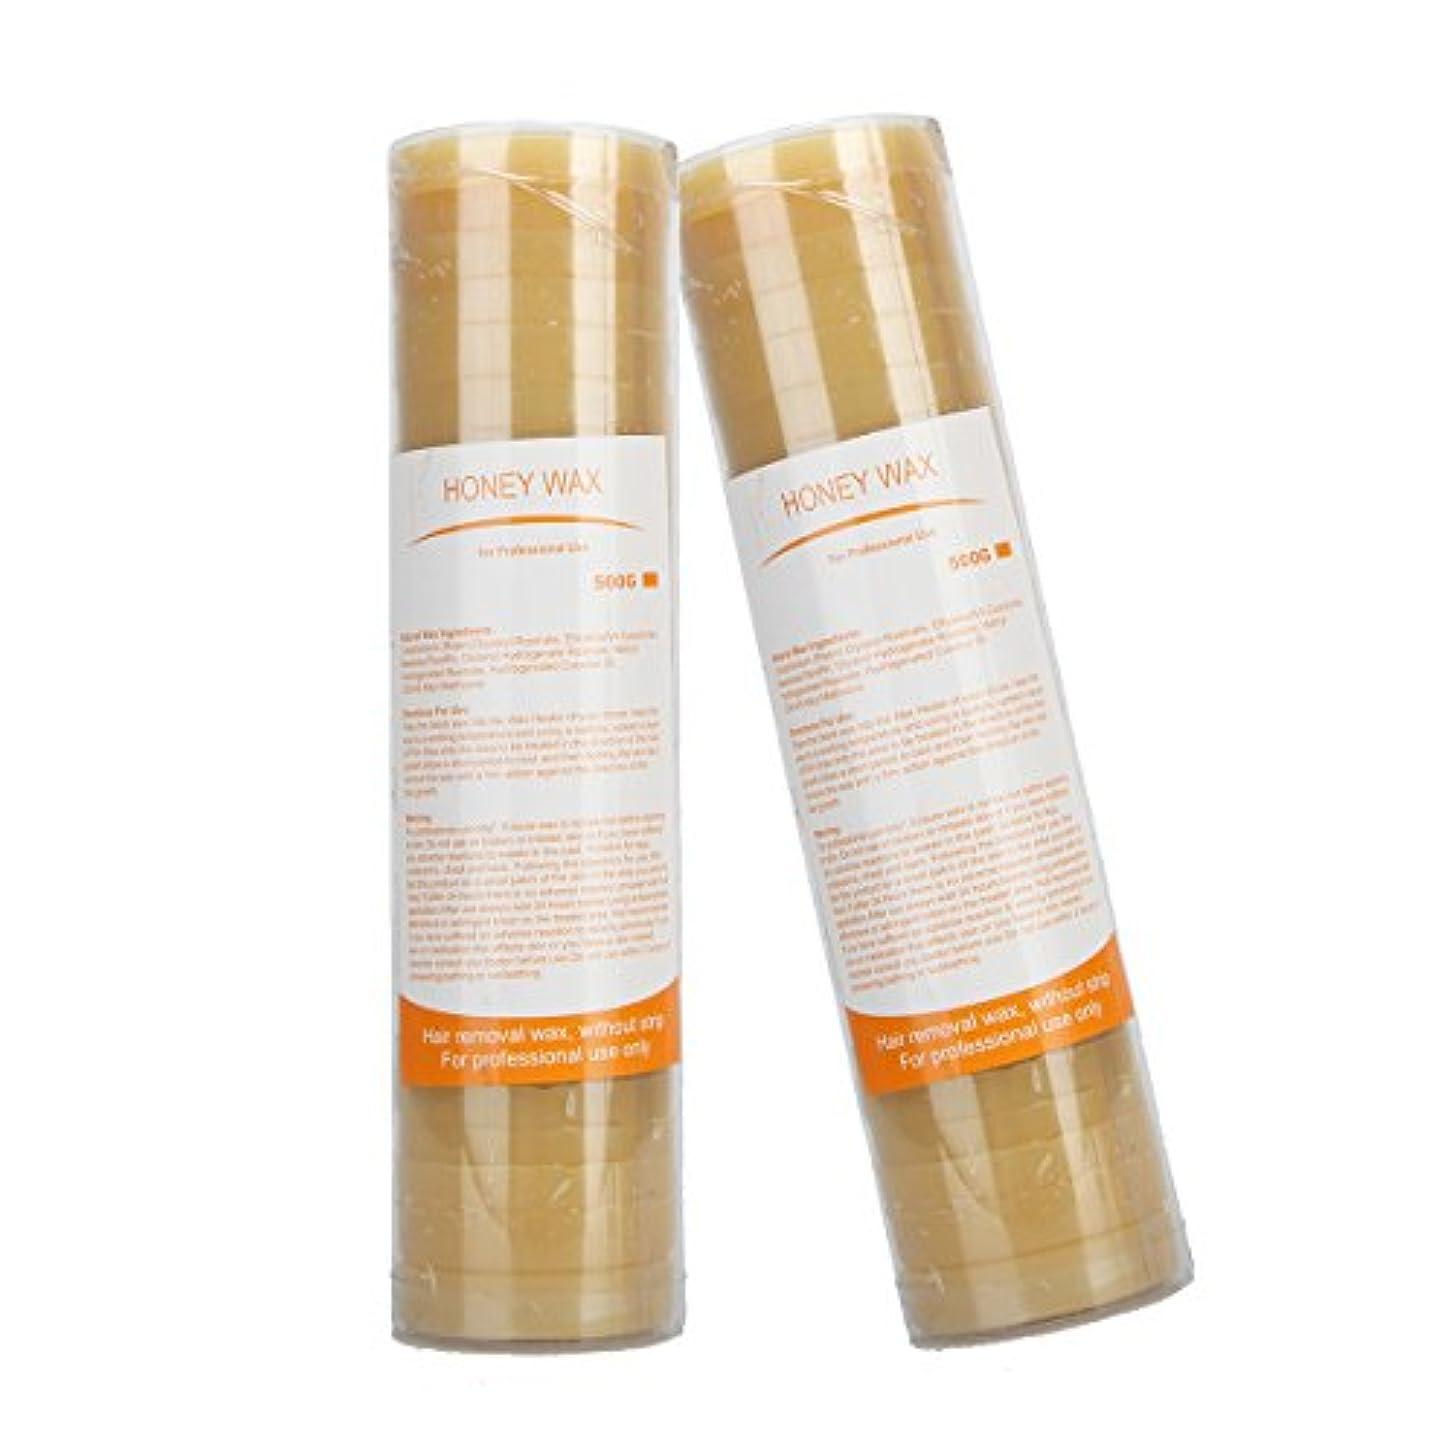 (アーニェメイ)Bonjanvye 脱毛 ワックス ハード 500g 2缶 ブラジリアンワックス ハードタイプ ワックス脱毛 キット-はちみつとはちみつ